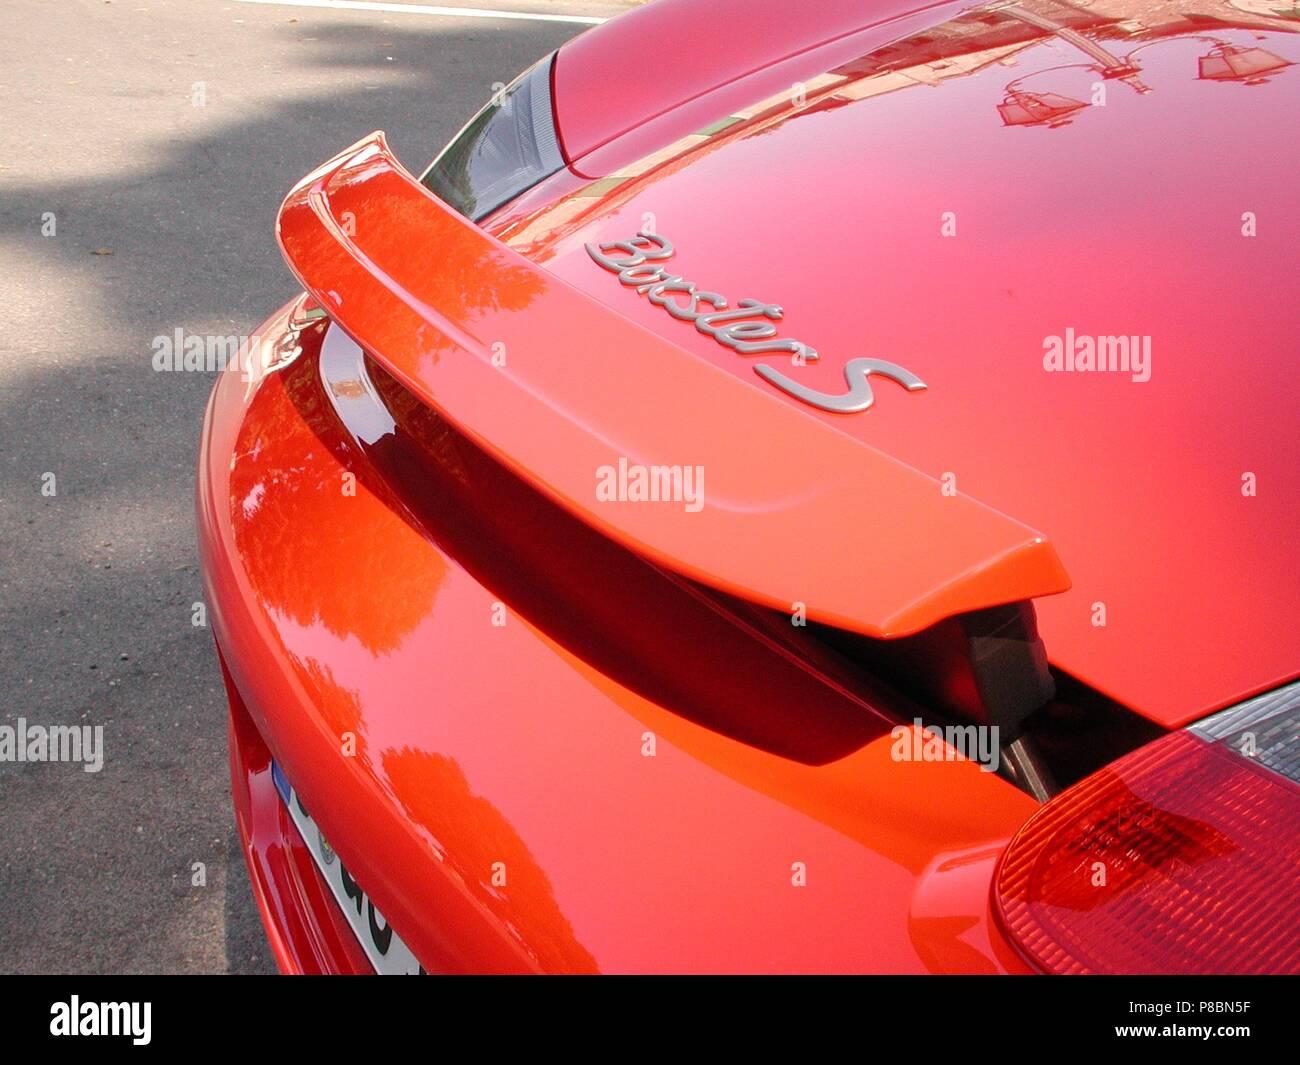 Rear Spoiler Stock Photos Rear Spoiler Stock Images Alamy